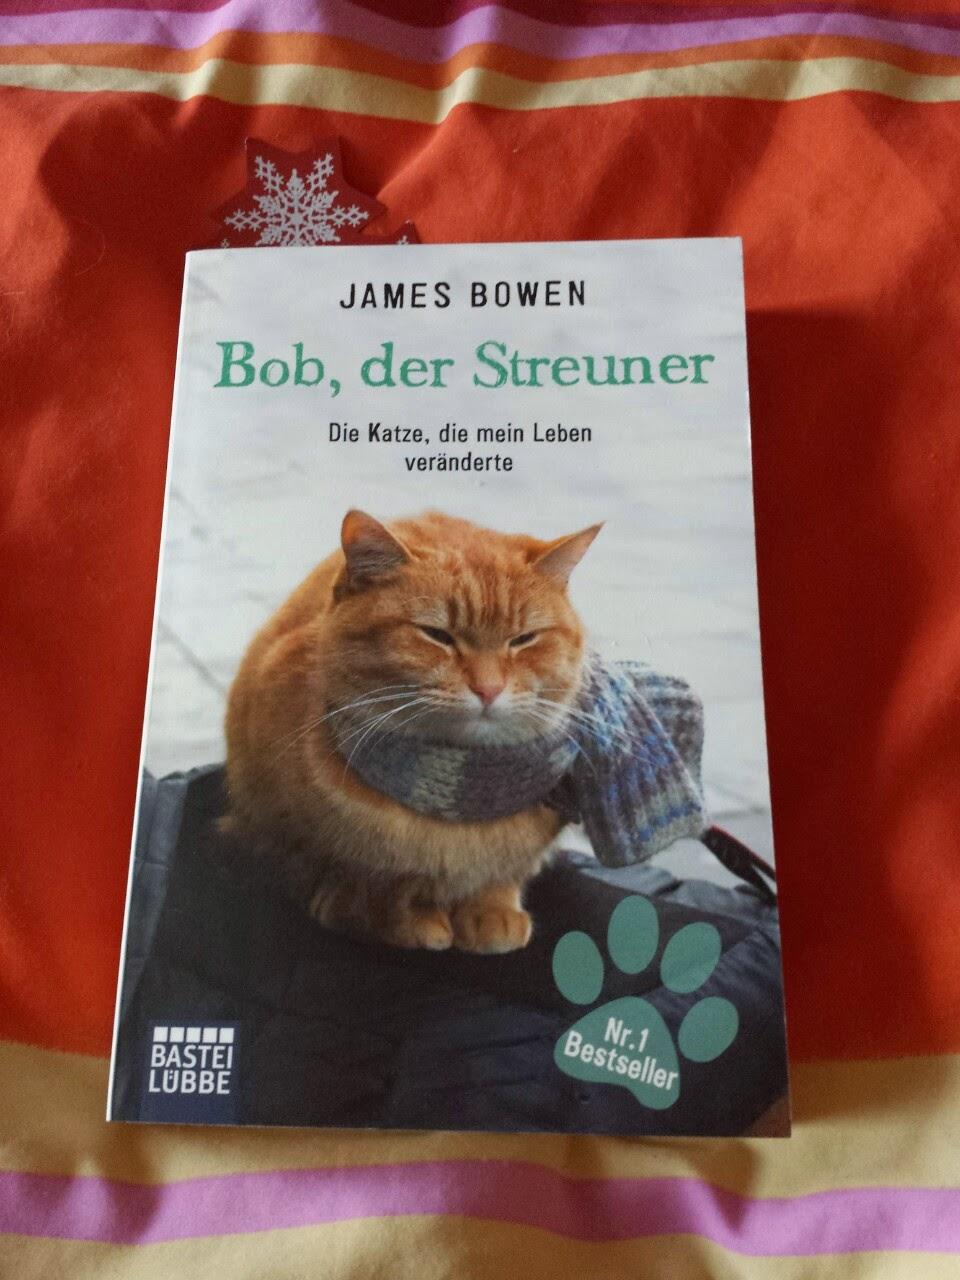 12 Monate, 12 Bücher: Mein Buch des Monats Juni; Bob, der Streuner